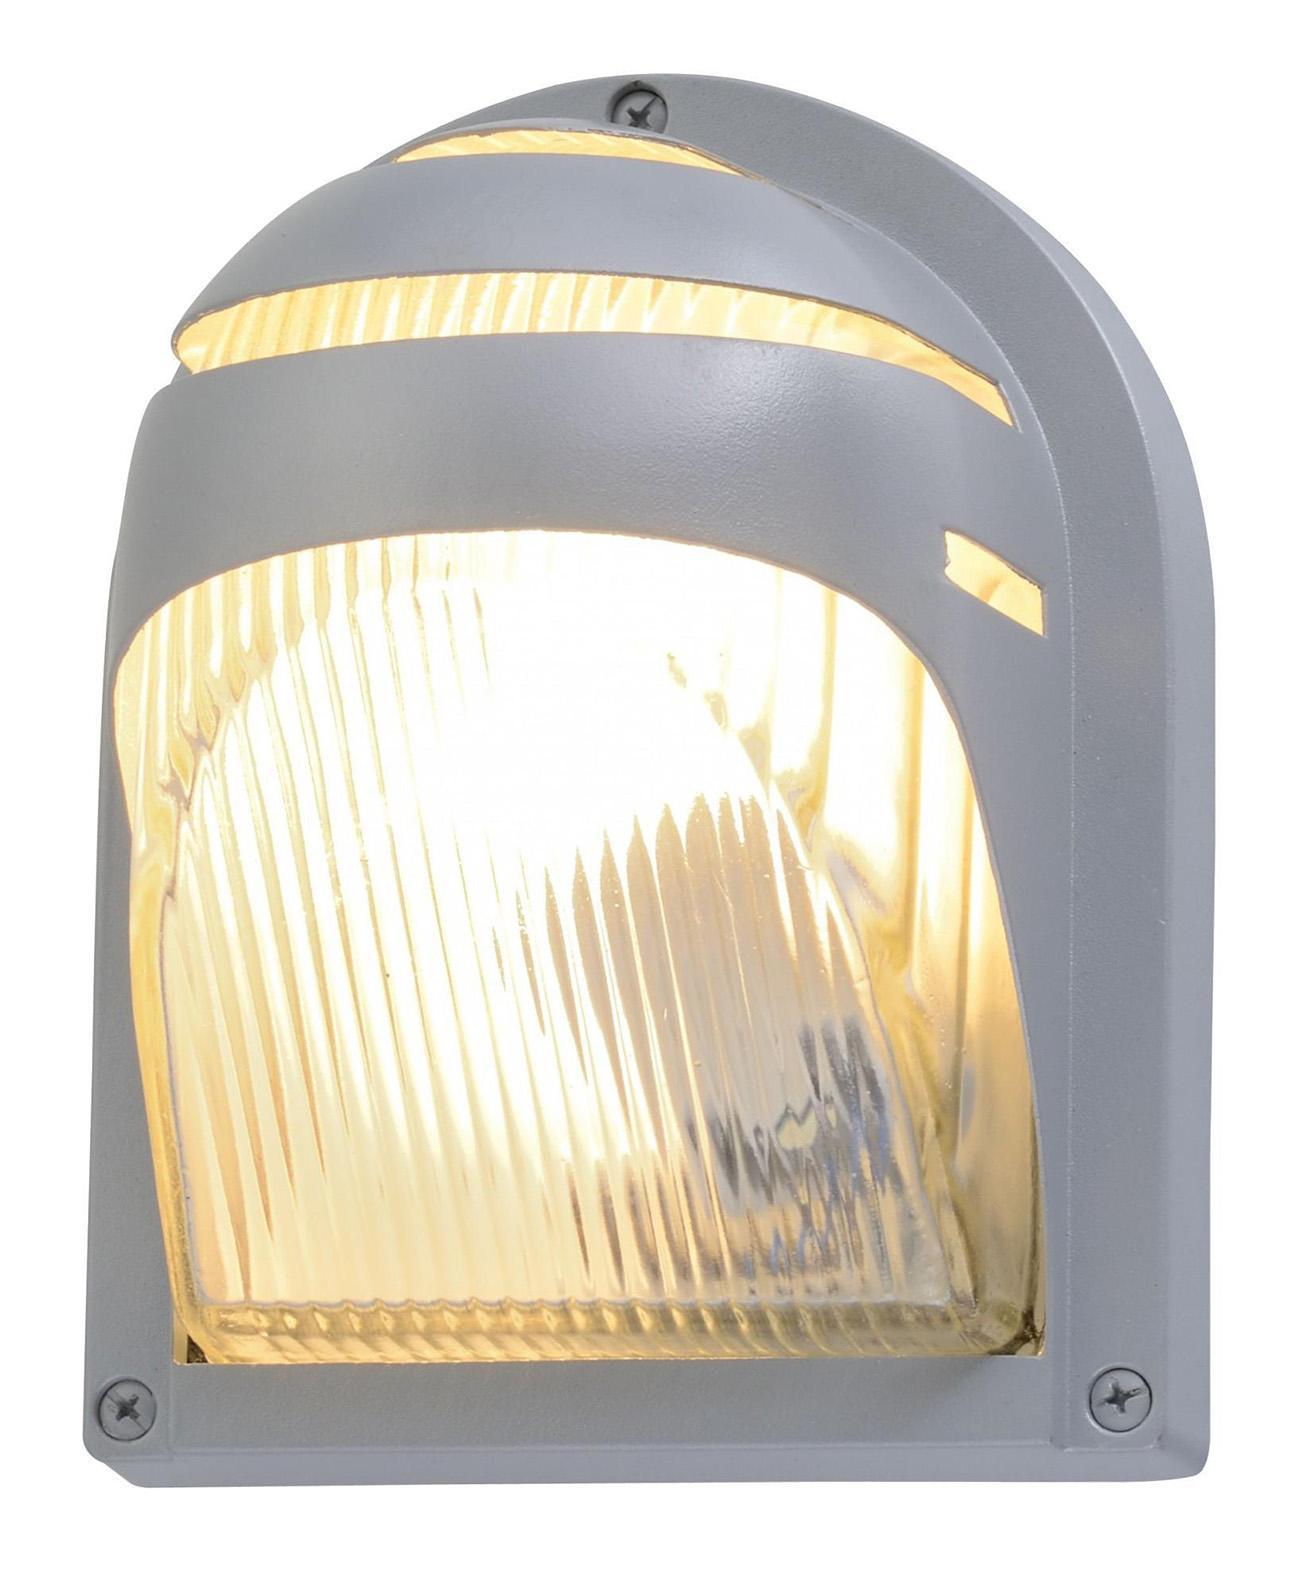 A2802AL-1GY URBAN Уличный светильник arte lamp фонарь бра arte lamp urban a2802al 1gy